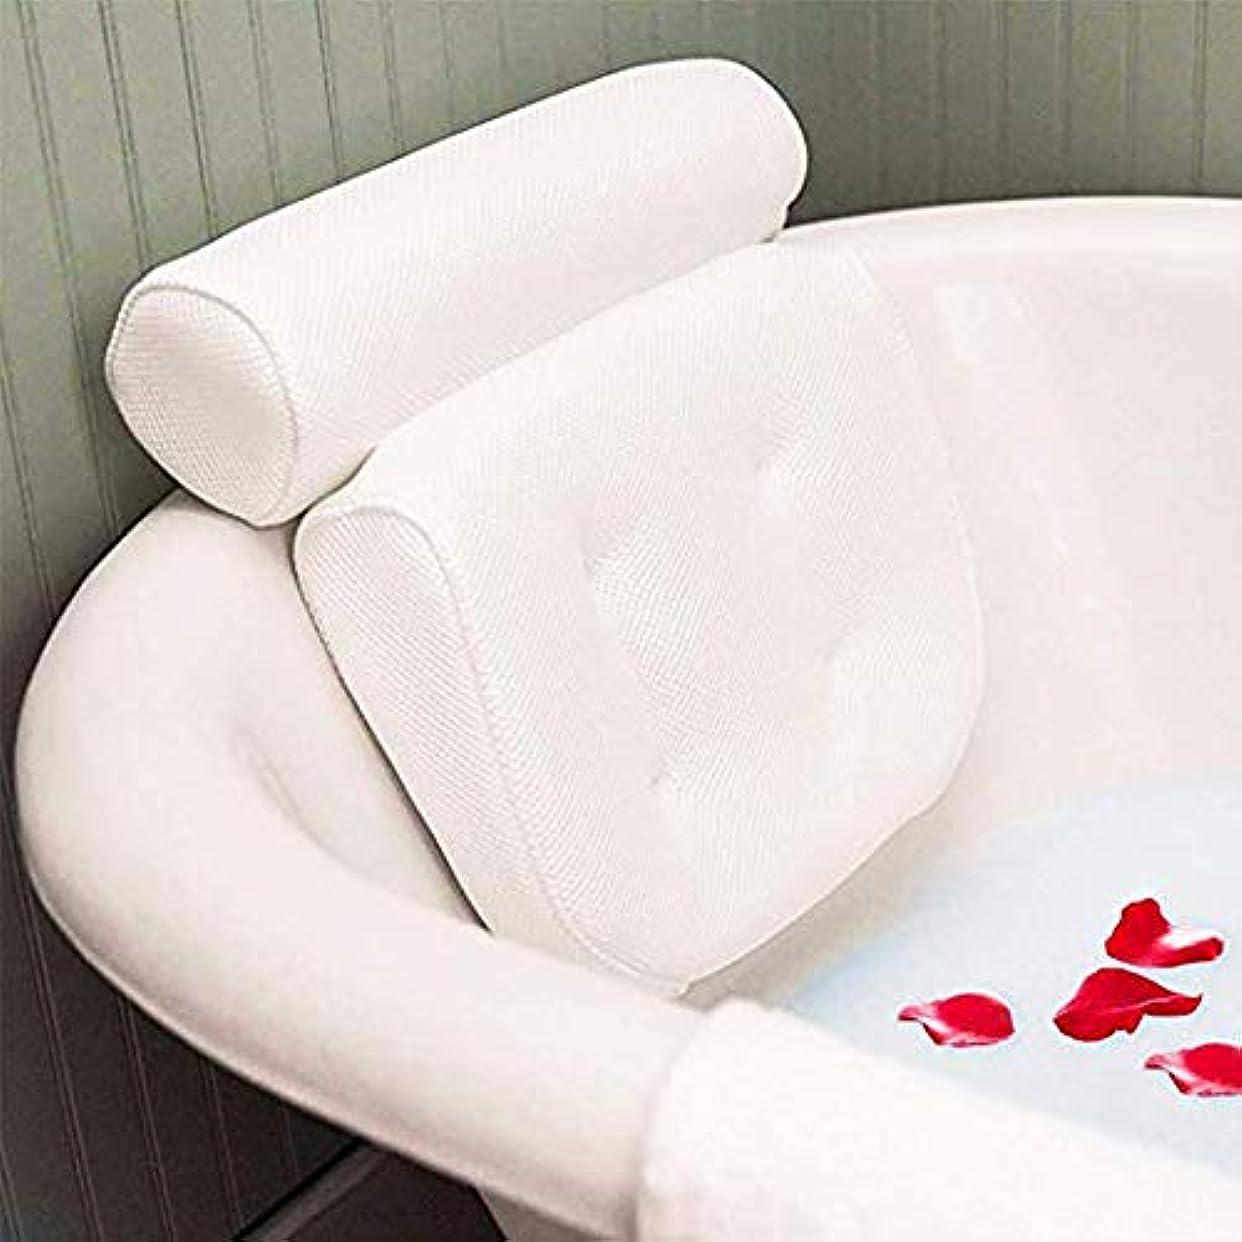 下手ボス溶かす頭、首、肩と背中のサポートが付いている浴槽スパ枕、滑り止め4大型サクションカップはどんな浴槽にもフィットし、抗菌性です。,White